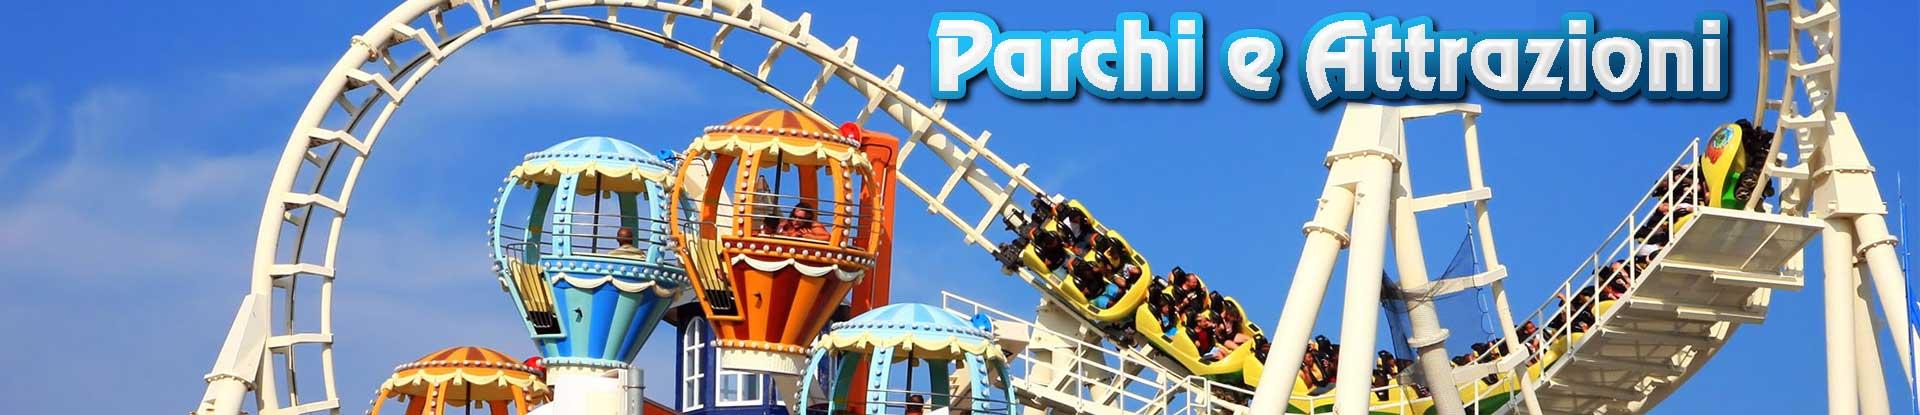 Parchi e Attrazioni